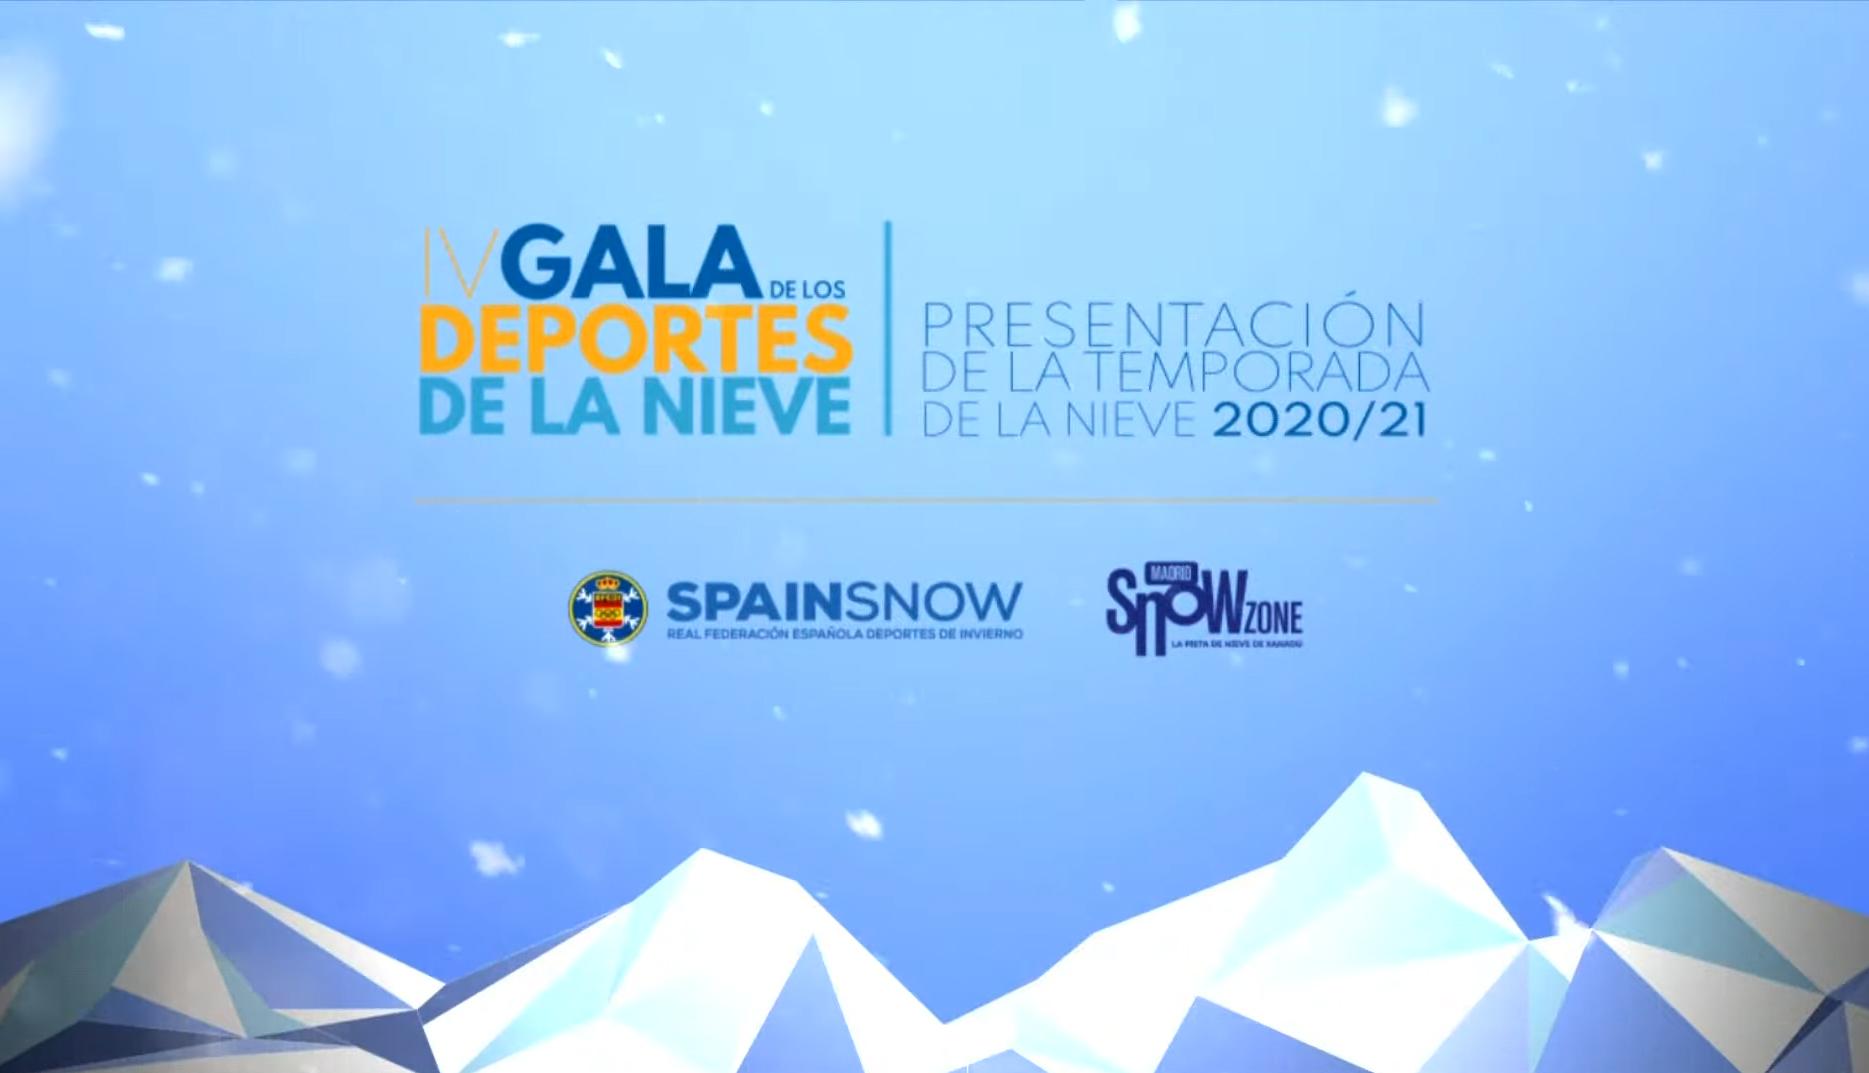 IV Gala de los Deportes de Nieve